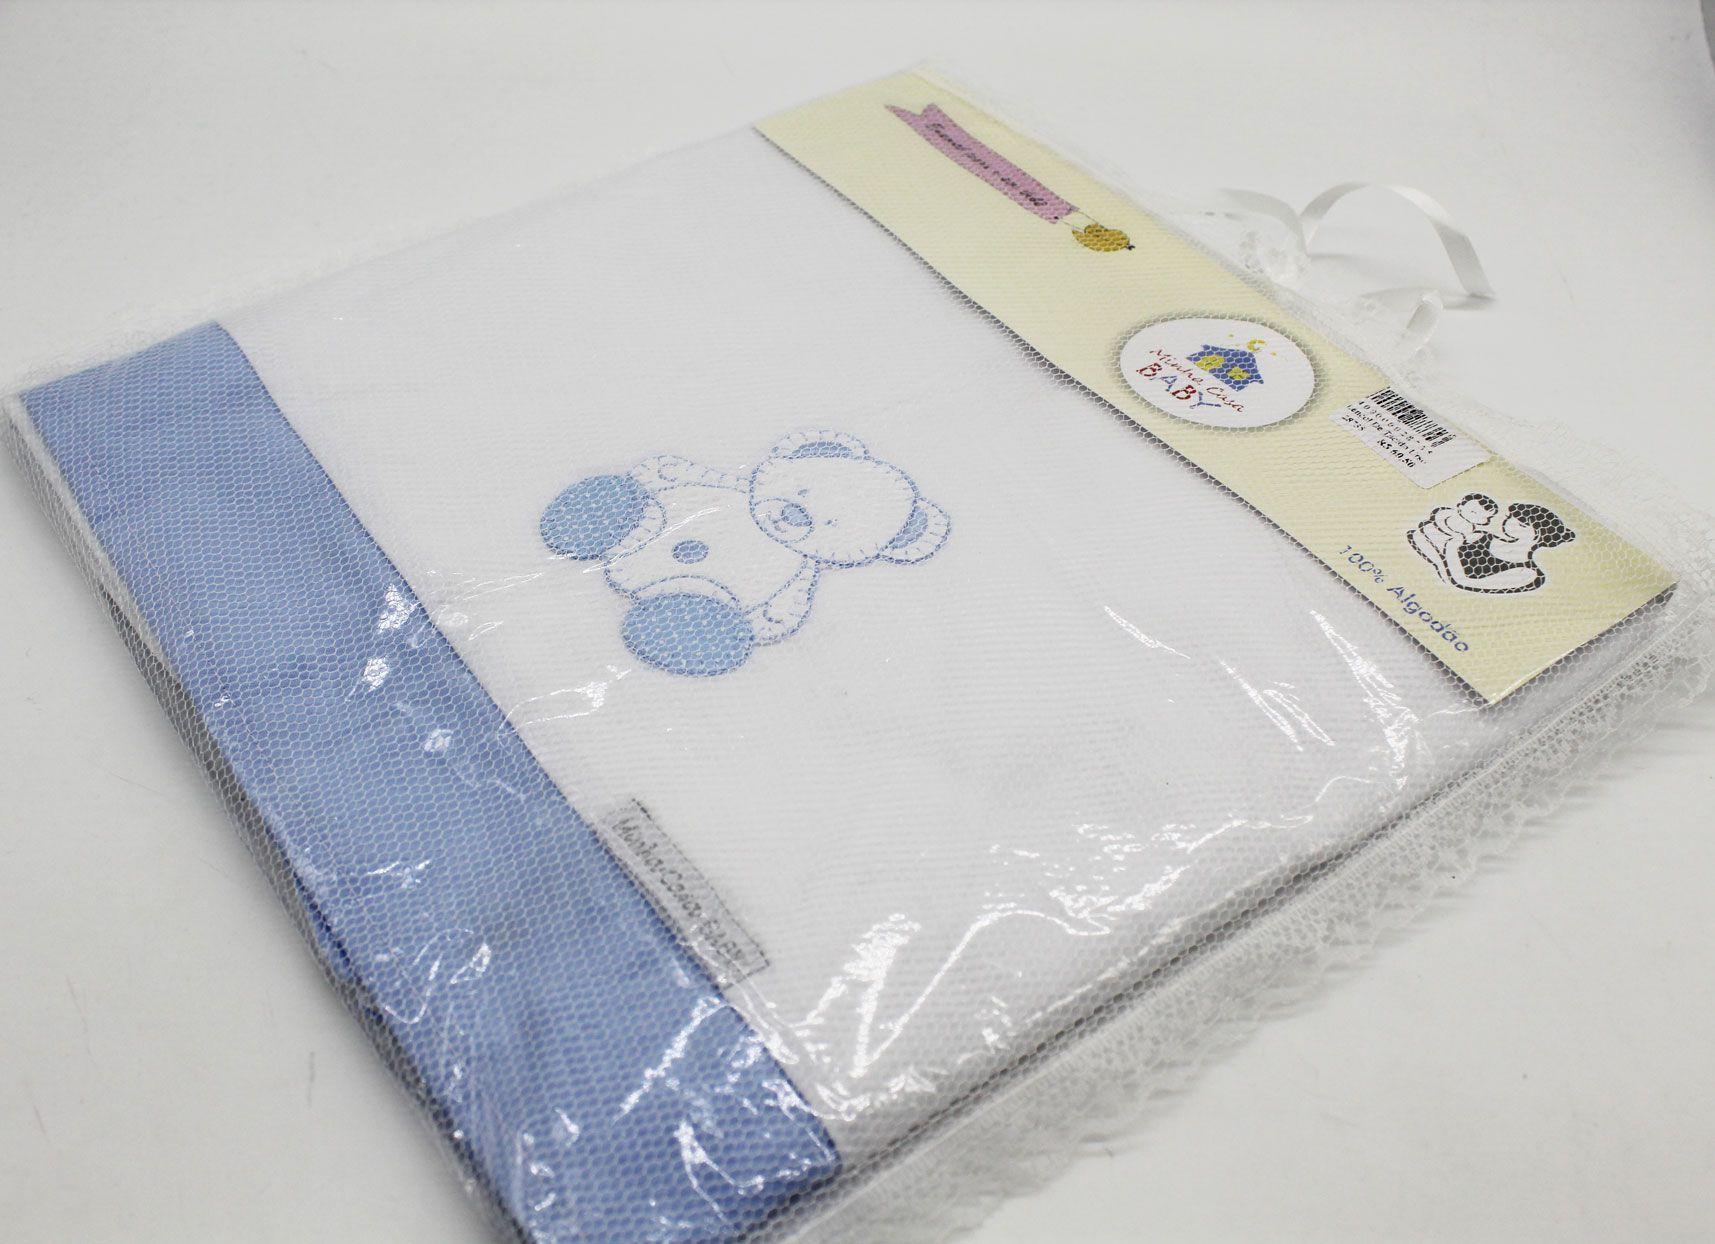 Lençol de Tecido Urso Azul Mini Berço 3 Pçs - Minha Casa Baby Ref Lmb5061